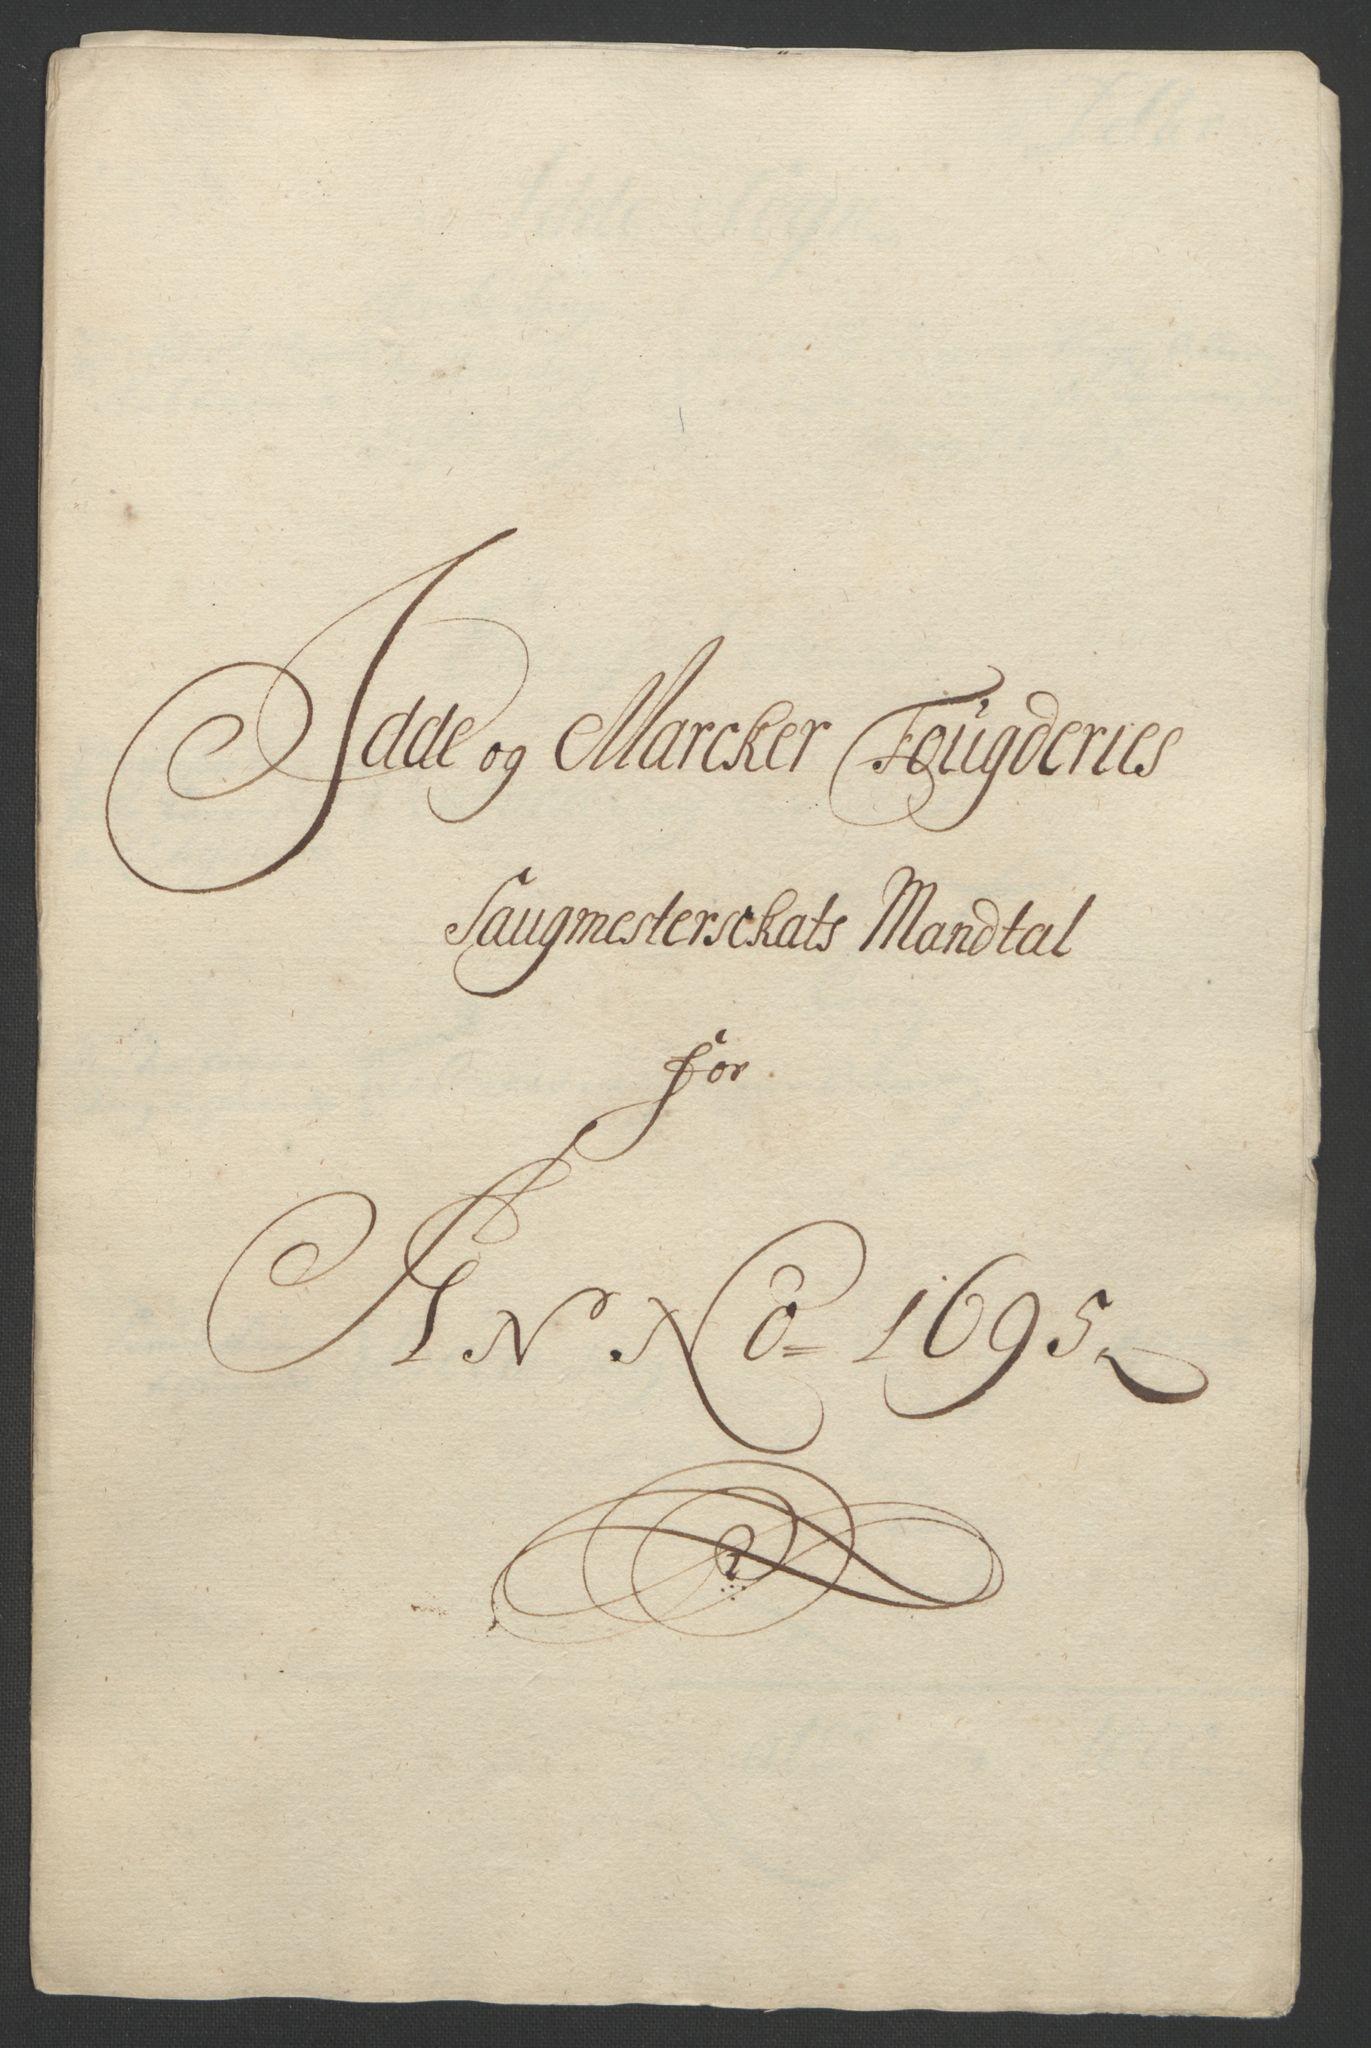 RA, Rentekammeret inntil 1814, Reviderte regnskaper, Fogderegnskap, R01/L0012: Fogderegnskap Idd og Marker, 1694-1695, s. 232